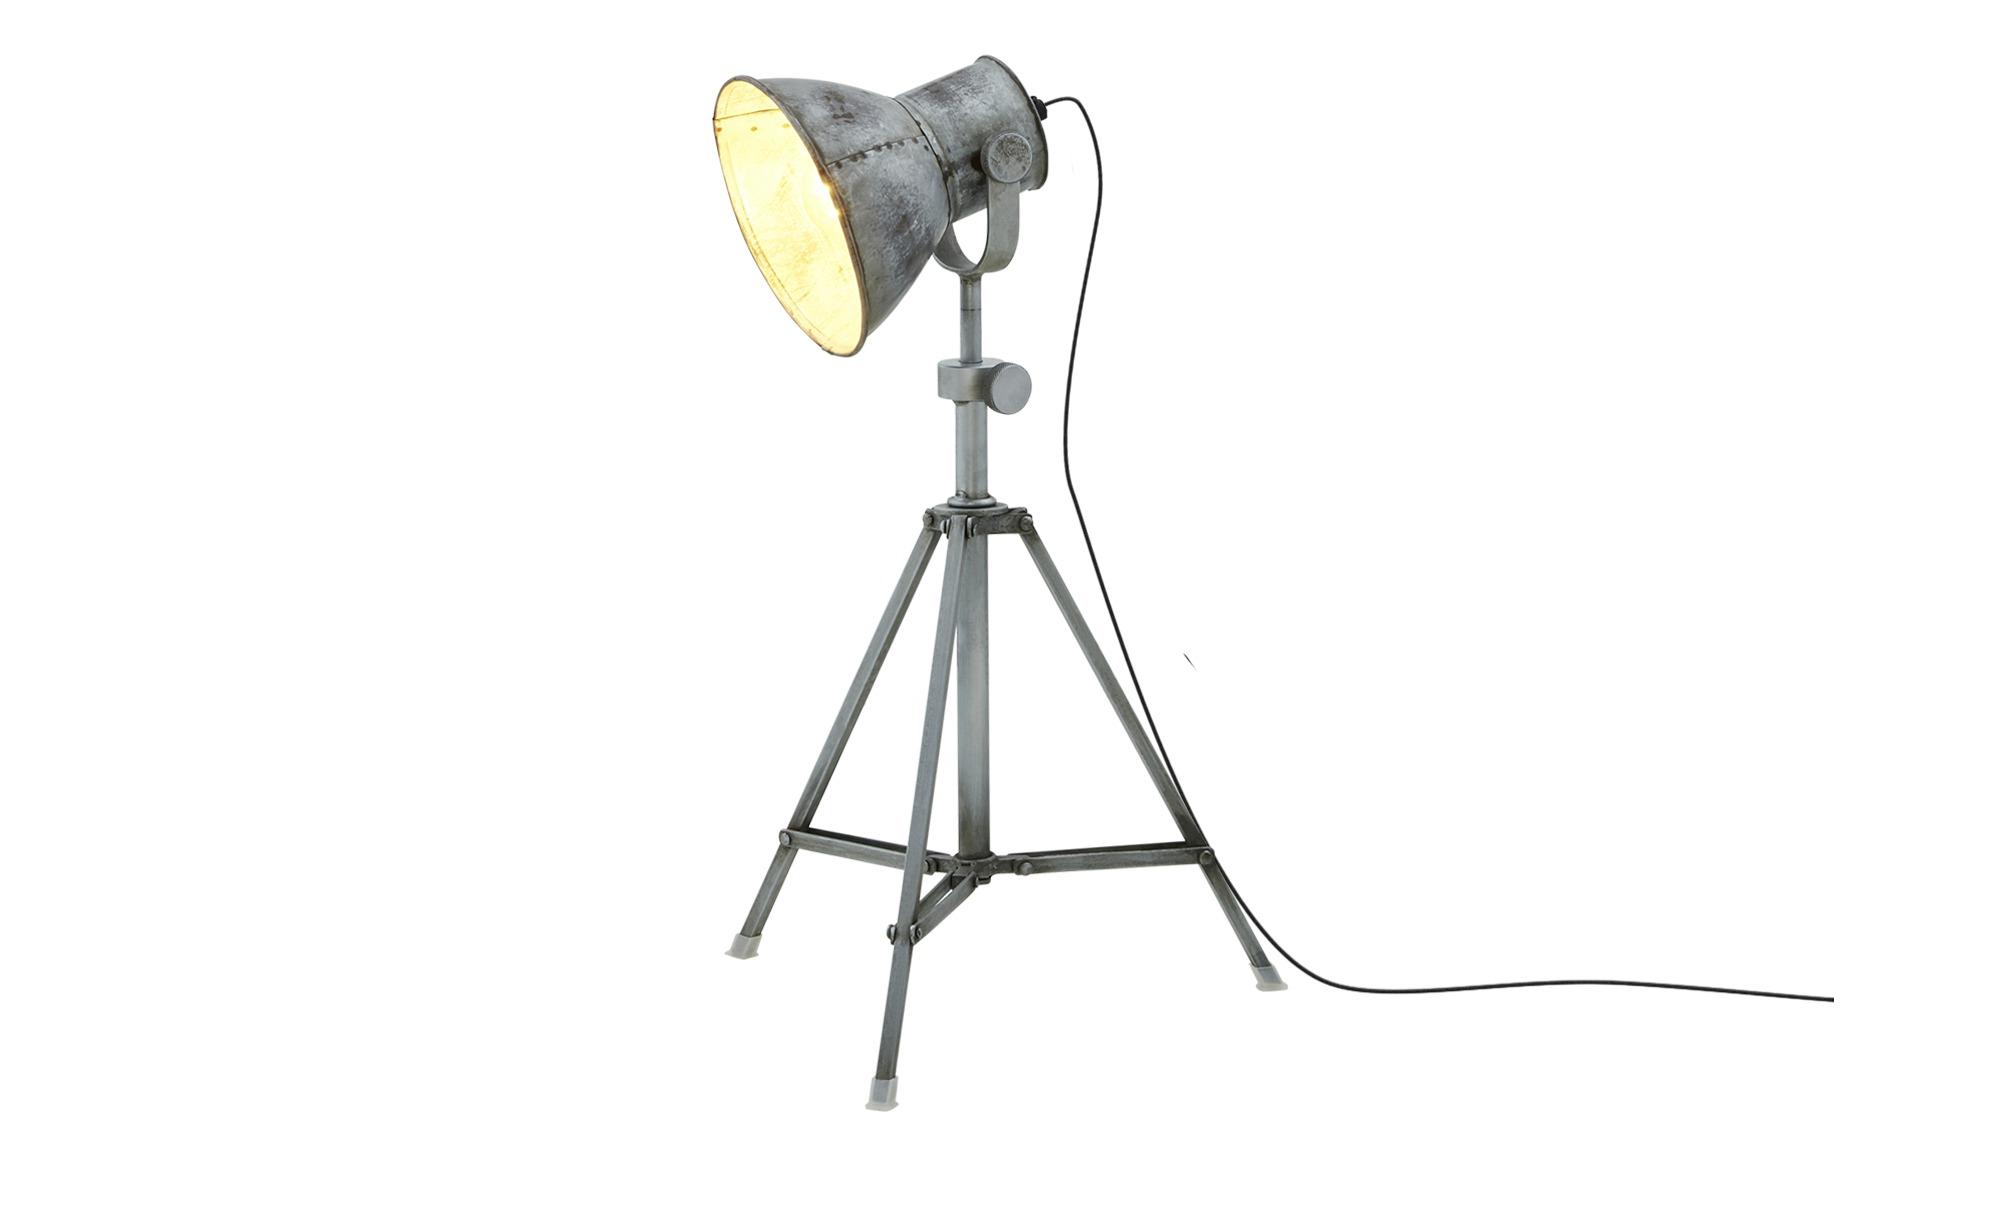 Paul Neuhaus Stehleuchte, 1-flammig, Industrie-Stil ¦ grau ¦ Maße (cm): H: 85 Ø: 30 Lampen & Leuchten > Innenleuchten > Stehlampen - Höffner